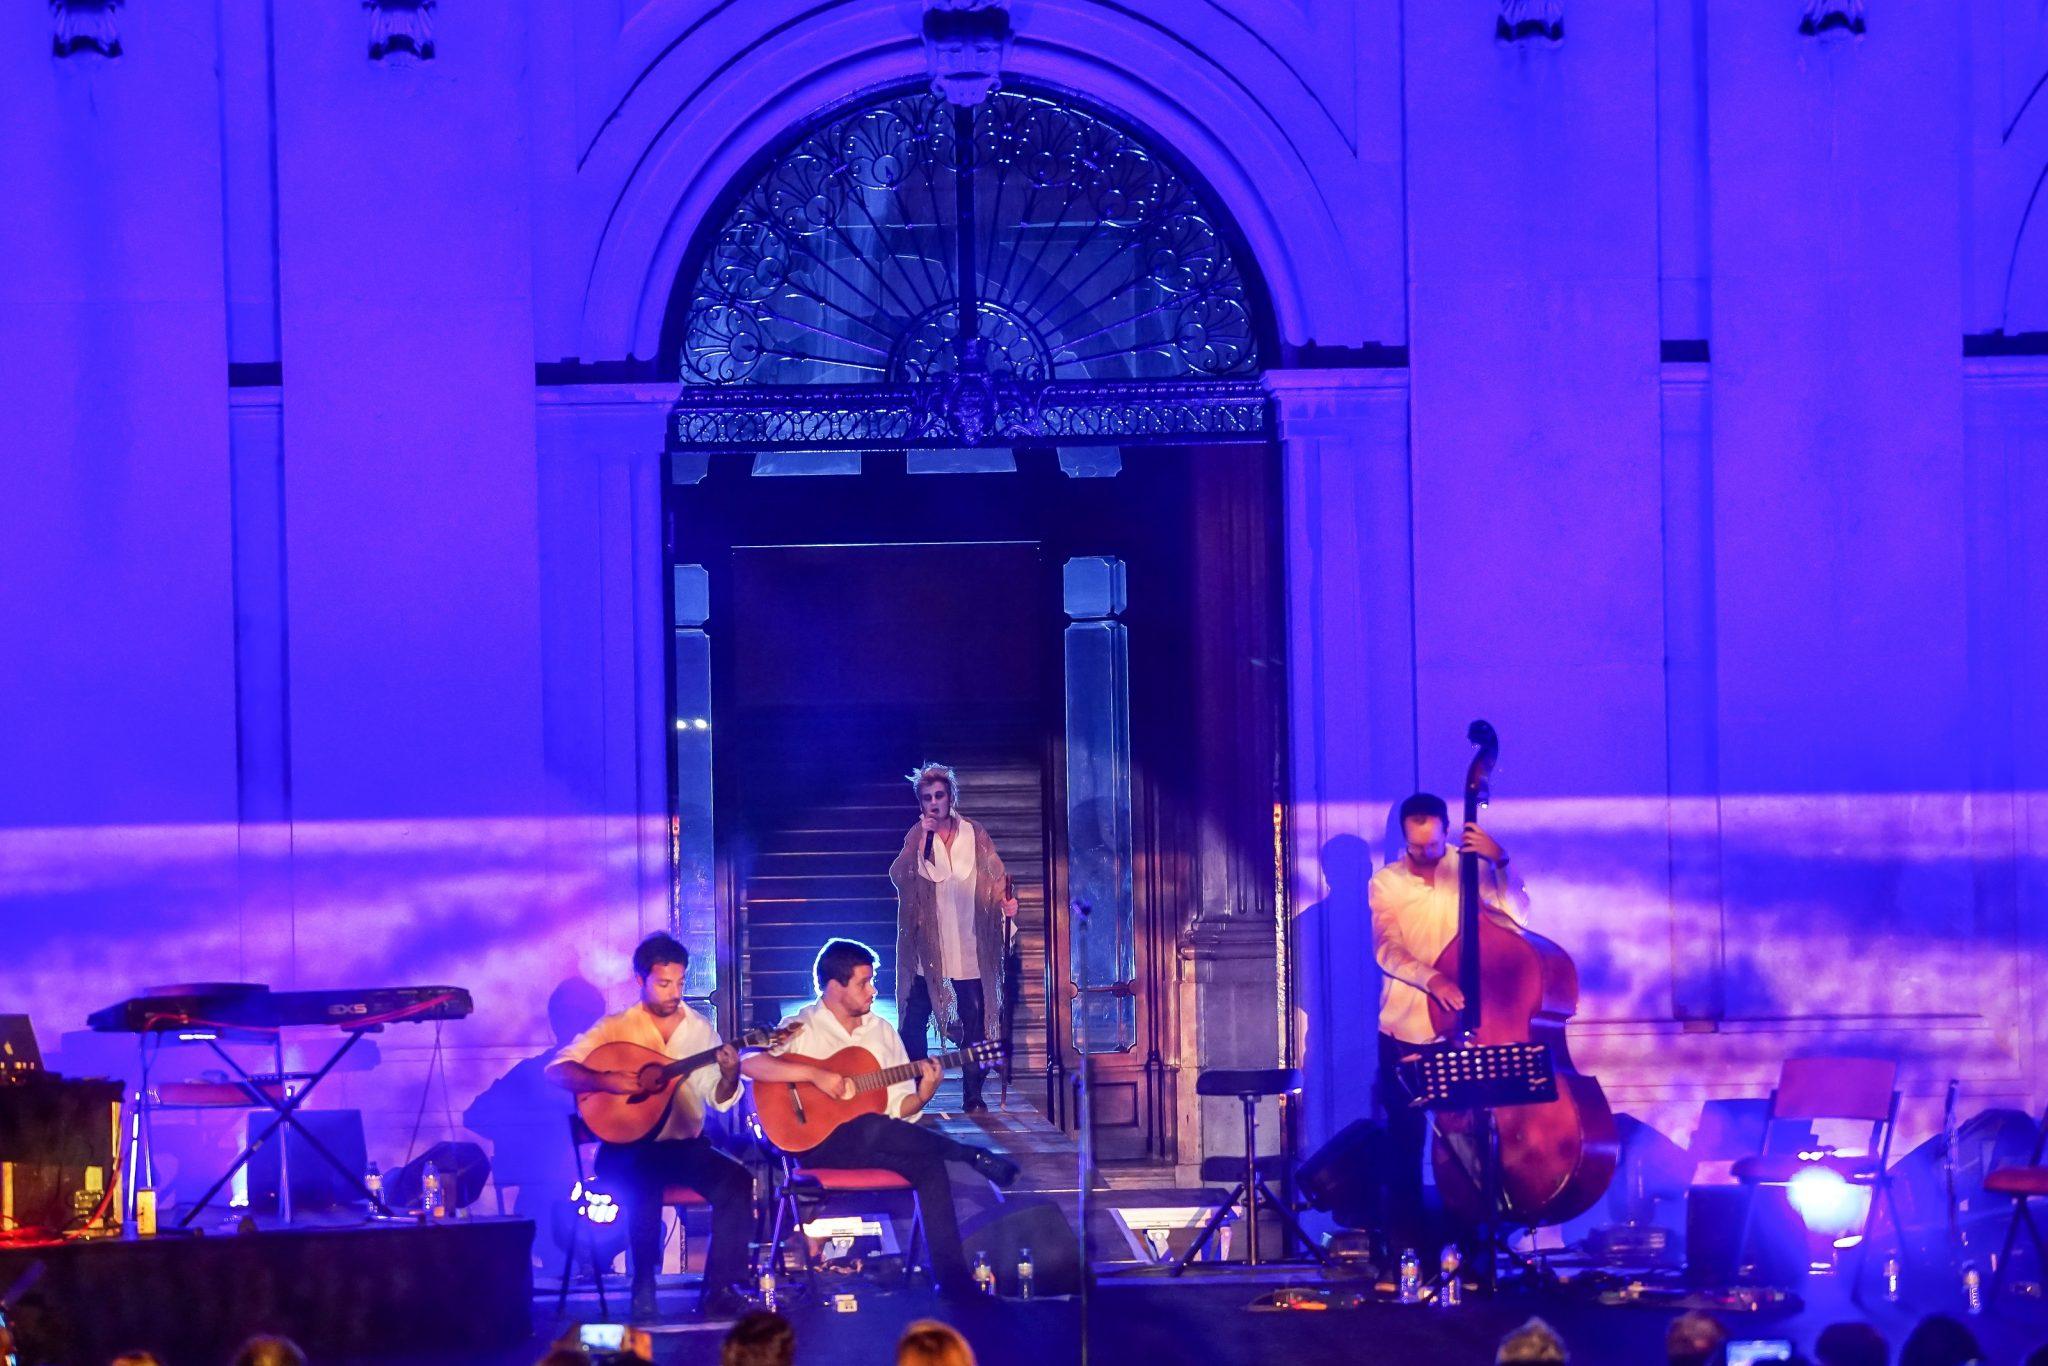 Paulo Bragança com os músicos em palco